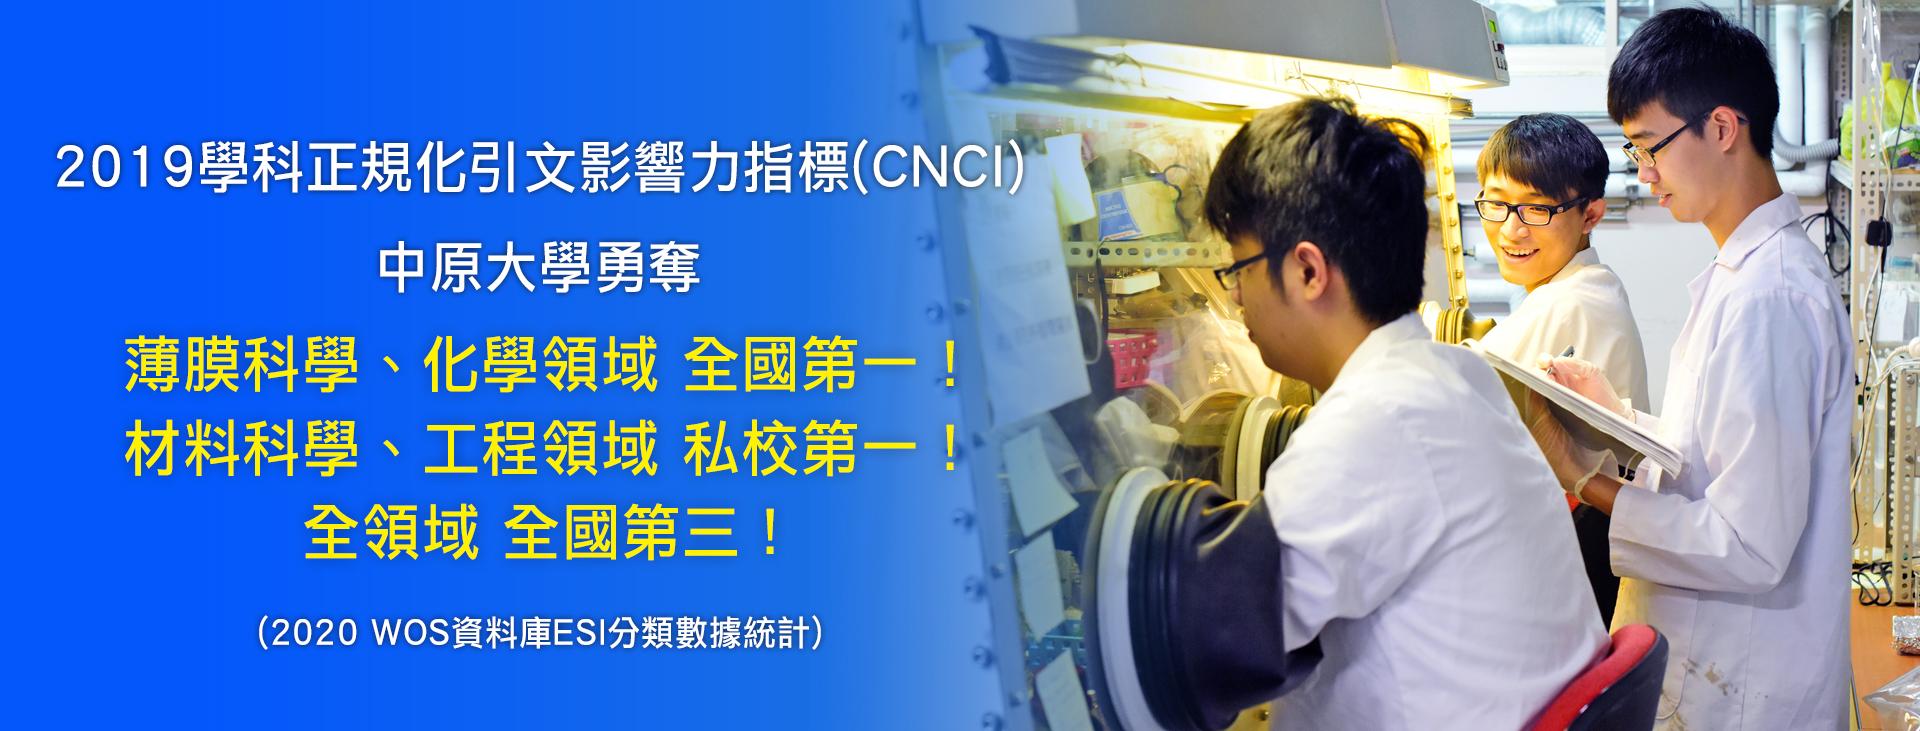 2019學科正規化引文影響力指標(CNCI)  中原勇奪多項第一